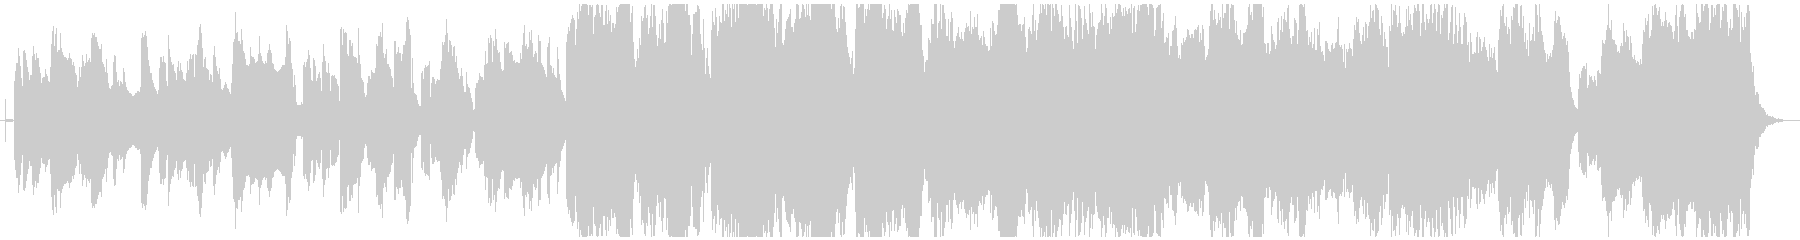 ほのぼのした雰囲気のクラリネットメイン曲の未再生の波形